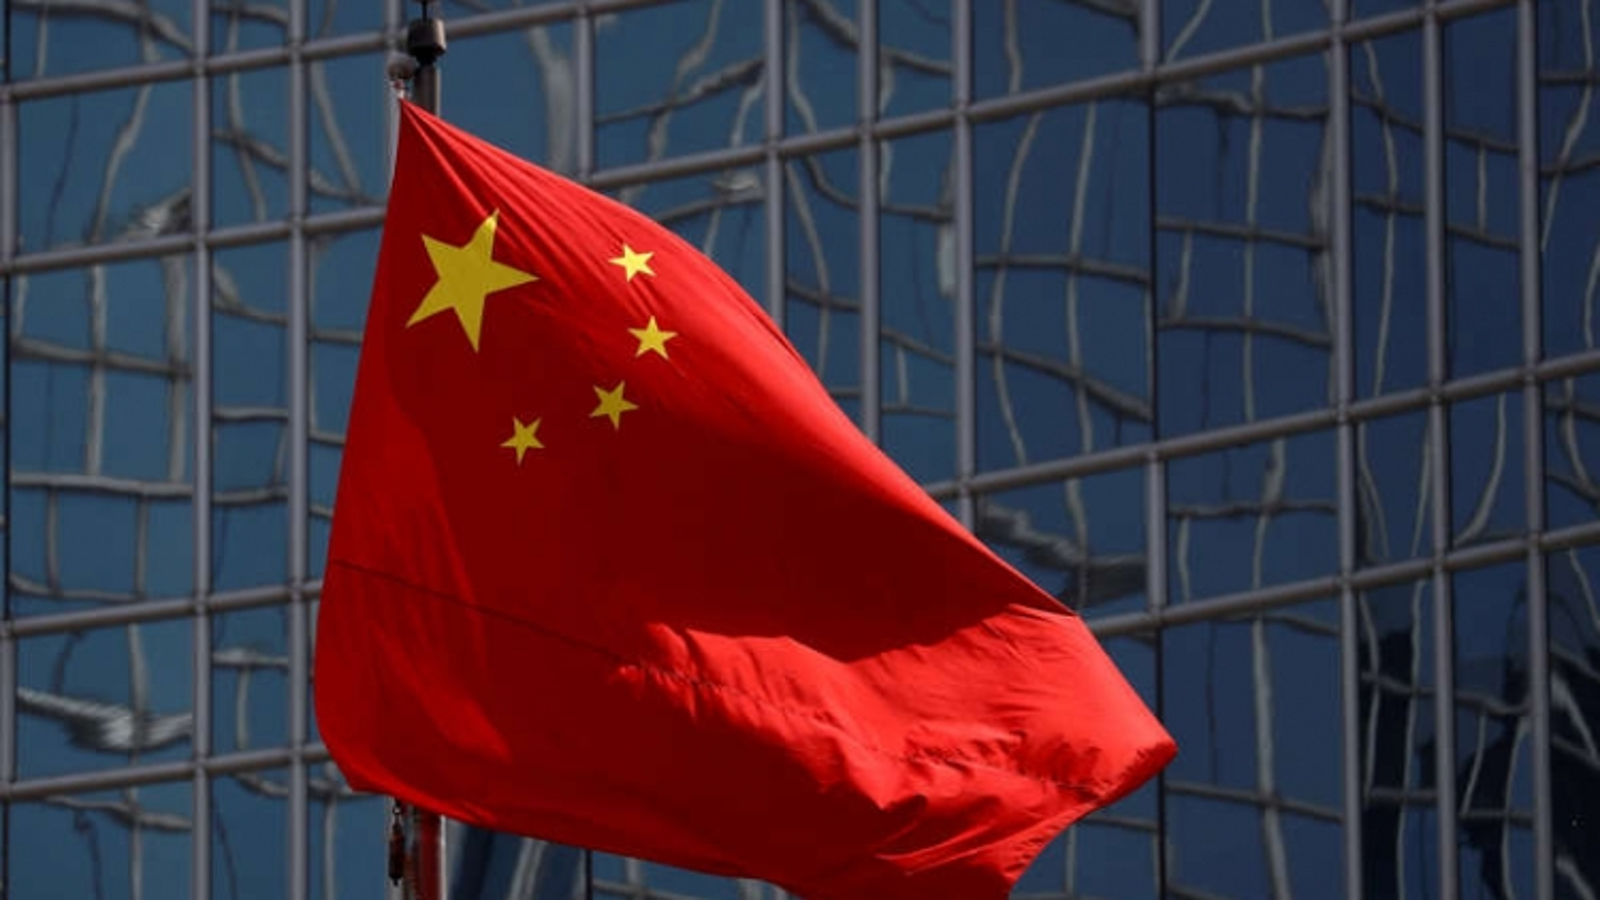 Trung Quốc triệu hồi Đại sứ để phản đối Litva cho Đài Loan đặt văn phòng đại diện